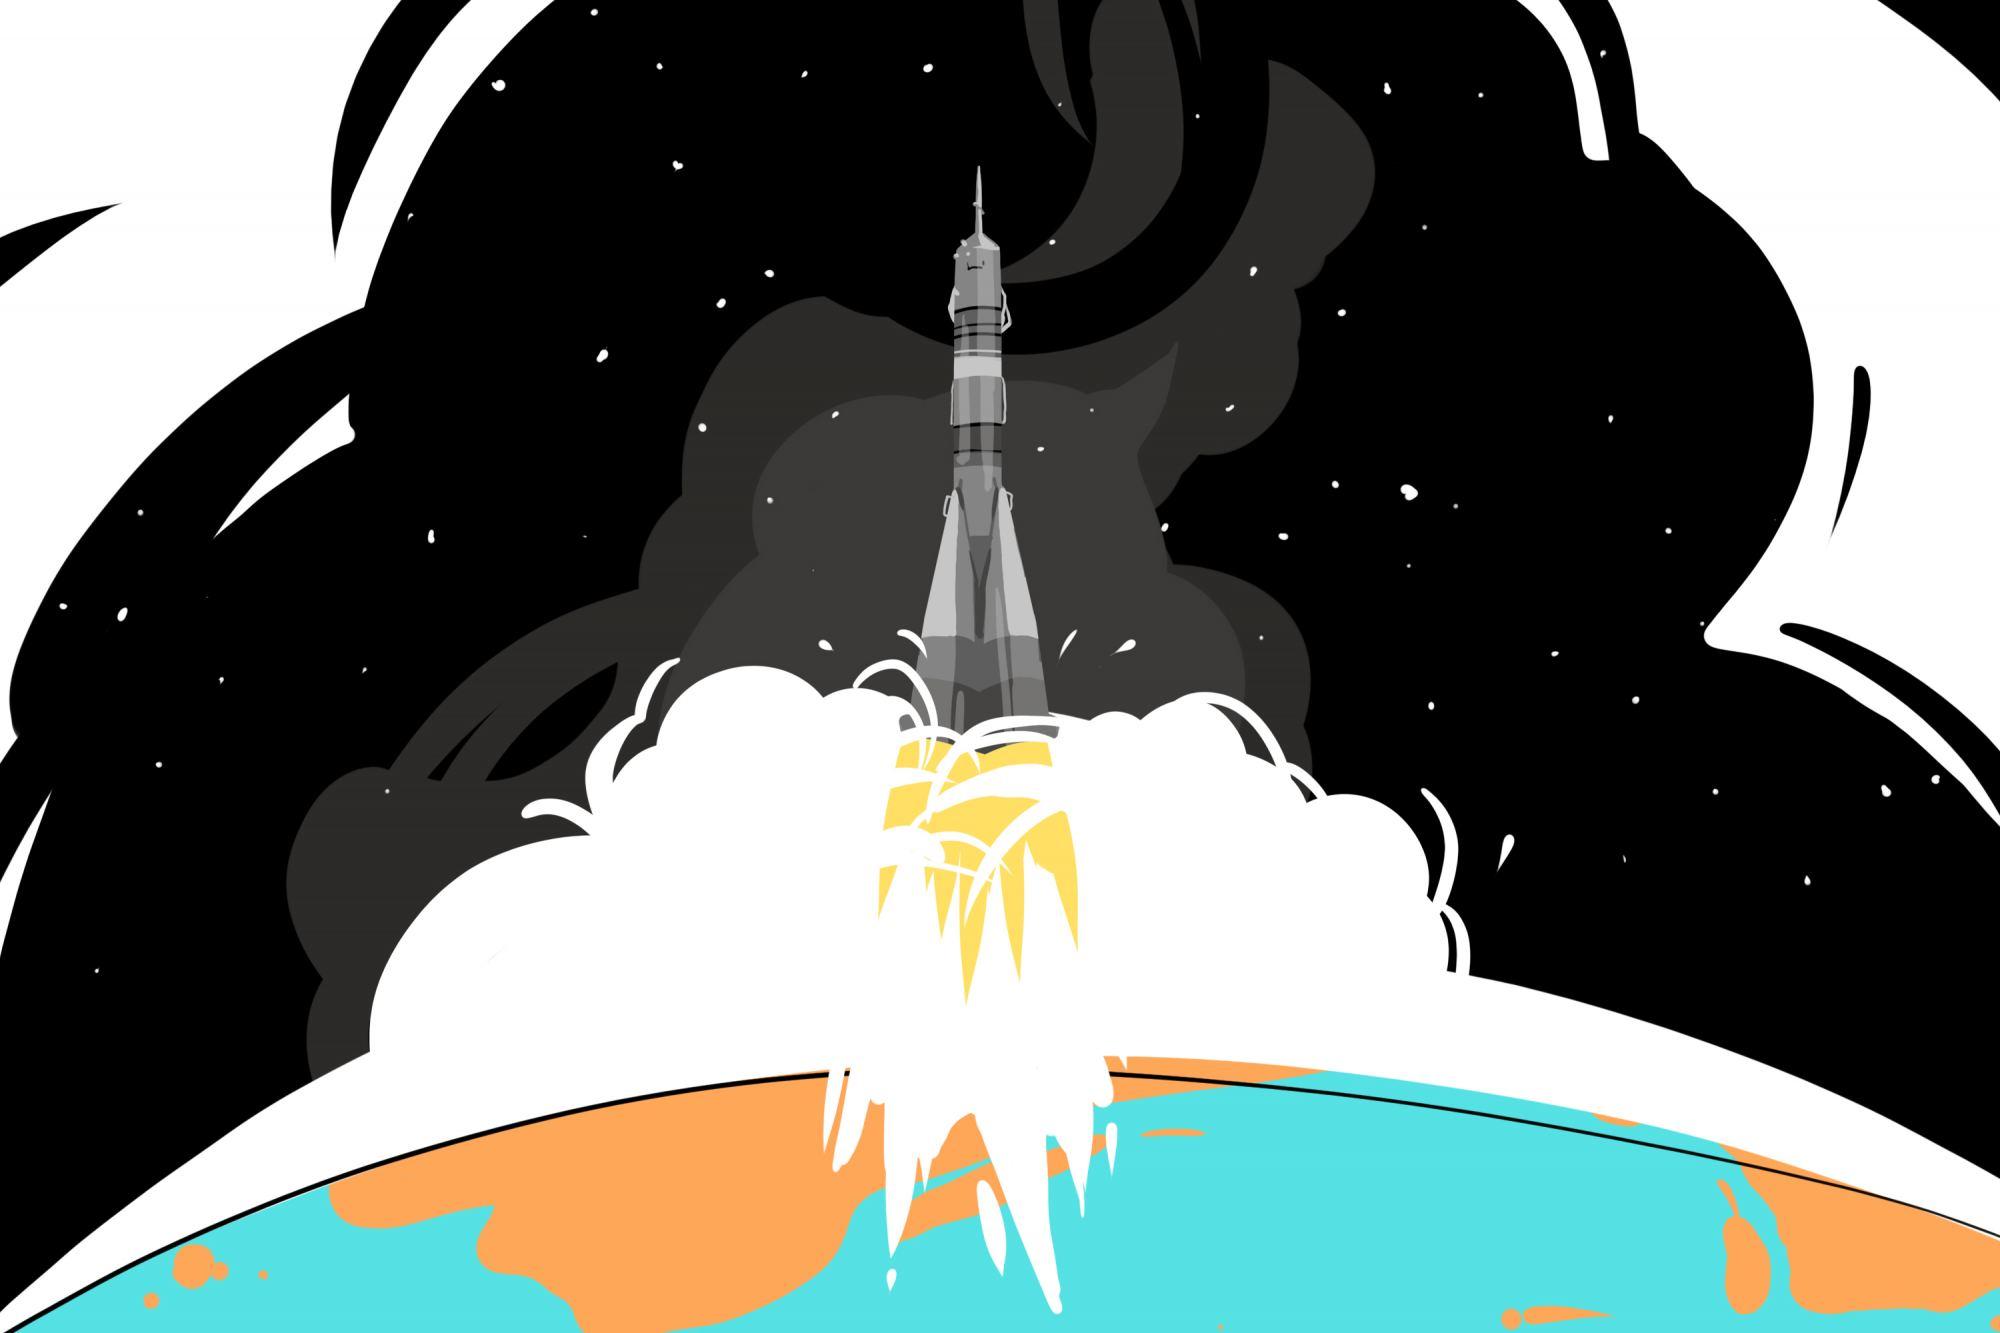 «Космическая» история Акселя